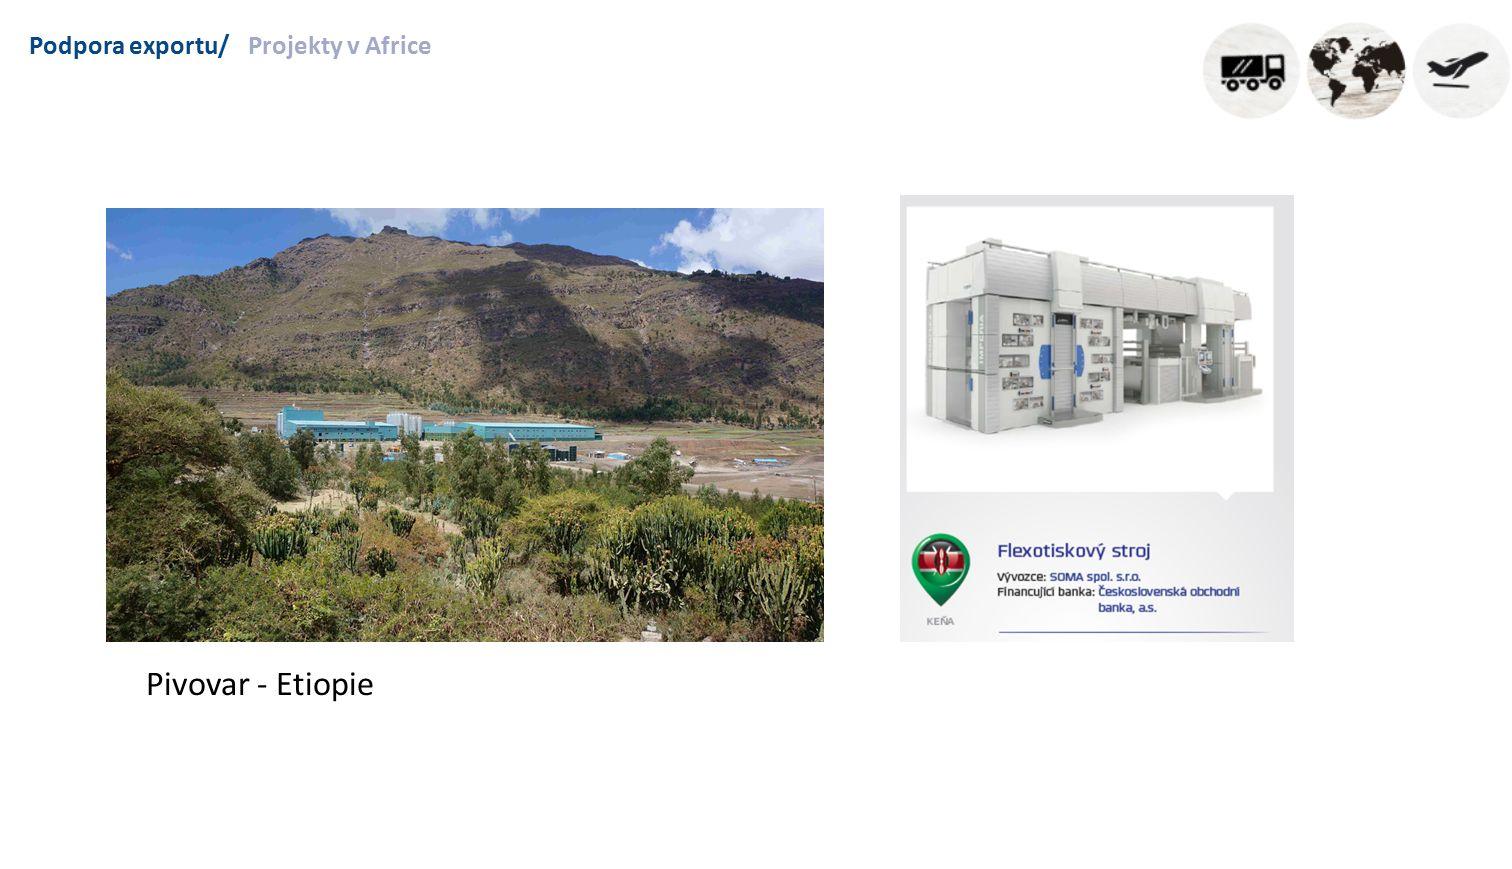 Podpora exportu/Projekty v Africe Pivovar - Etiopie